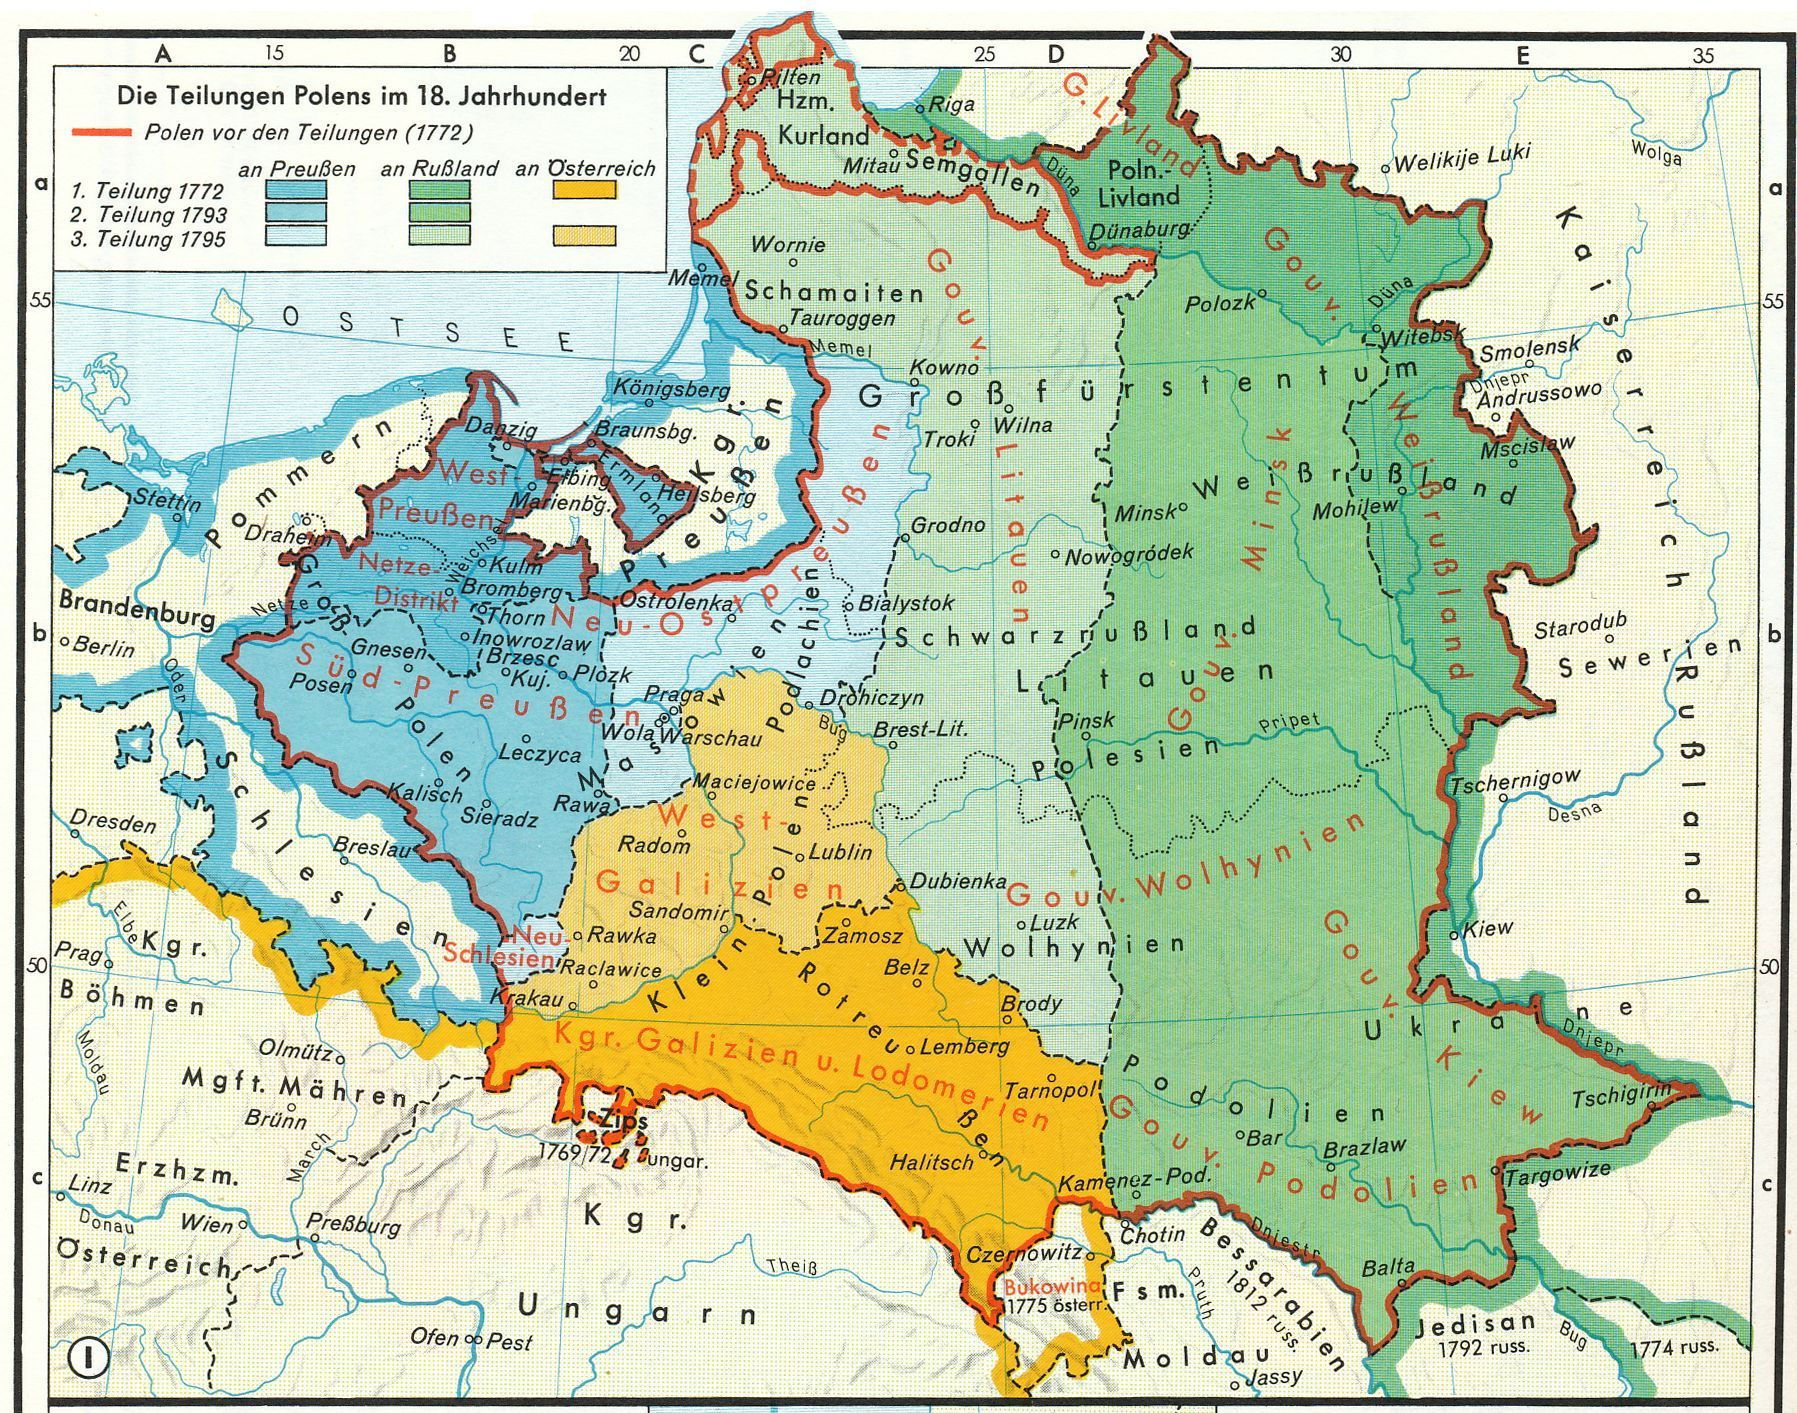 Deutsche Karte Vor Dem 1 Weltkrieg.Arge Baltikum Historische Karten